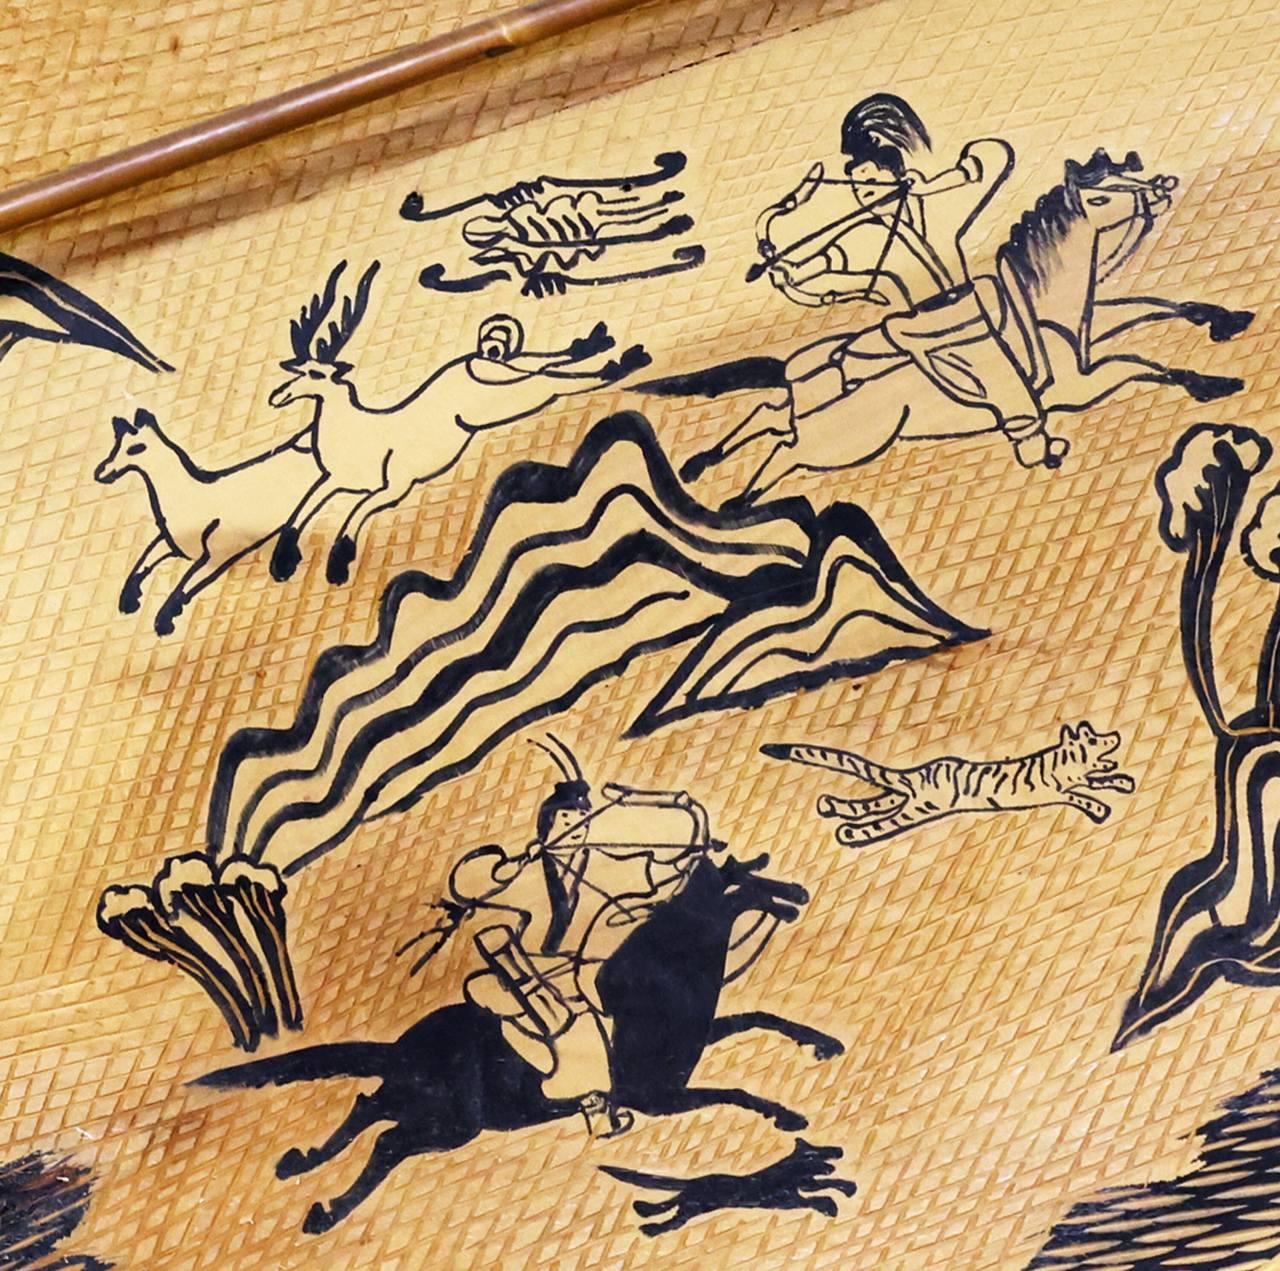 고구려 사수 금 코토 쿠 의한 고대 고구려 고분 회화의 복제에서 한국의 활 고구려를 사용하여 사냥을합니다. © 2021 강 현 원